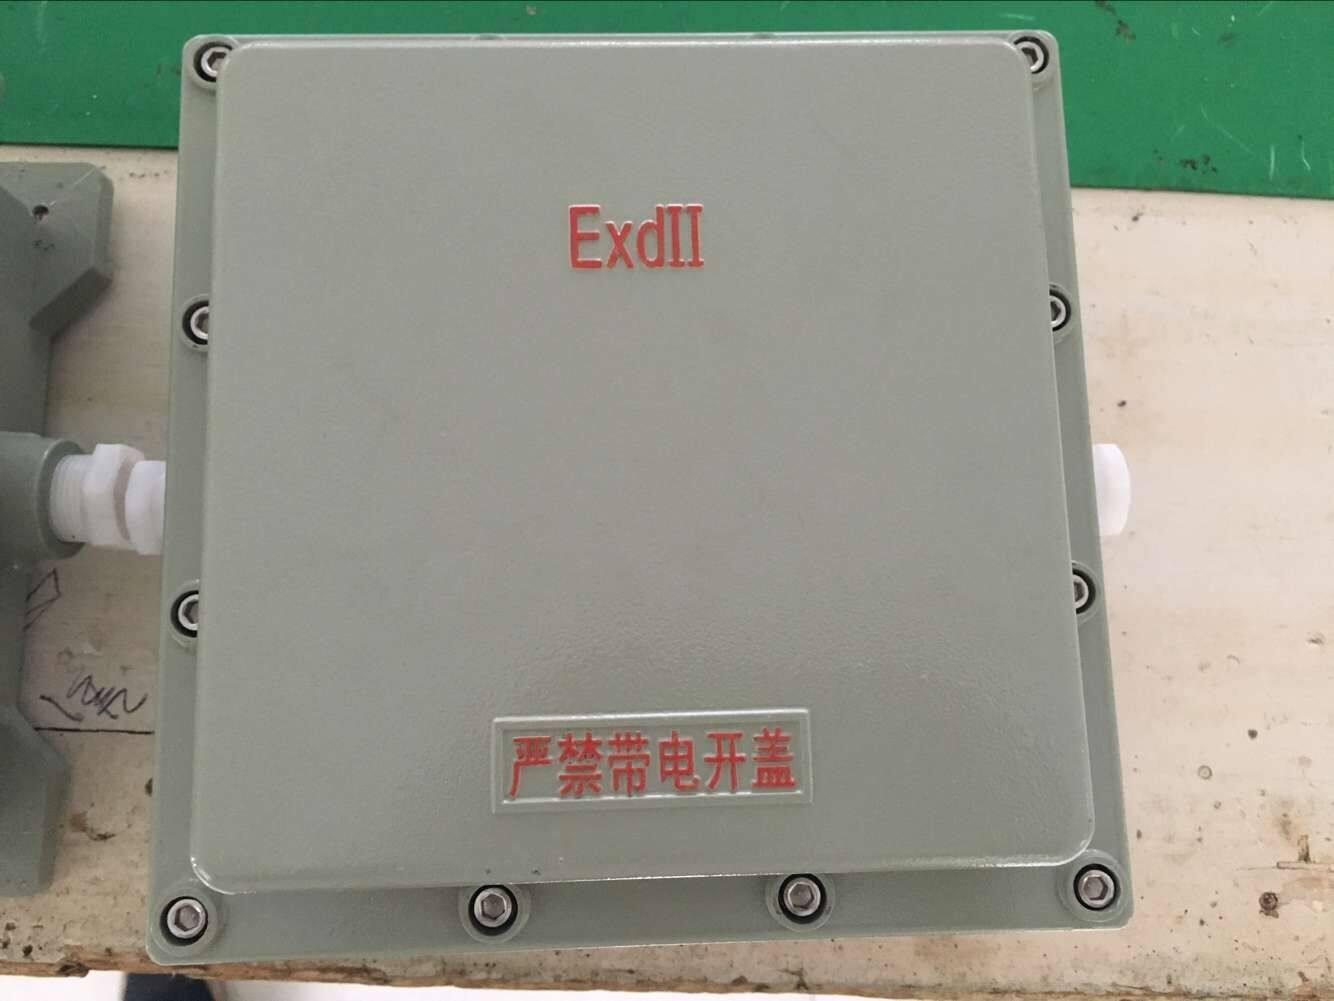 适用于t1-t6组温度组别 bxj51防爆接线箱 产品特点: 1,外壳采用铝合金